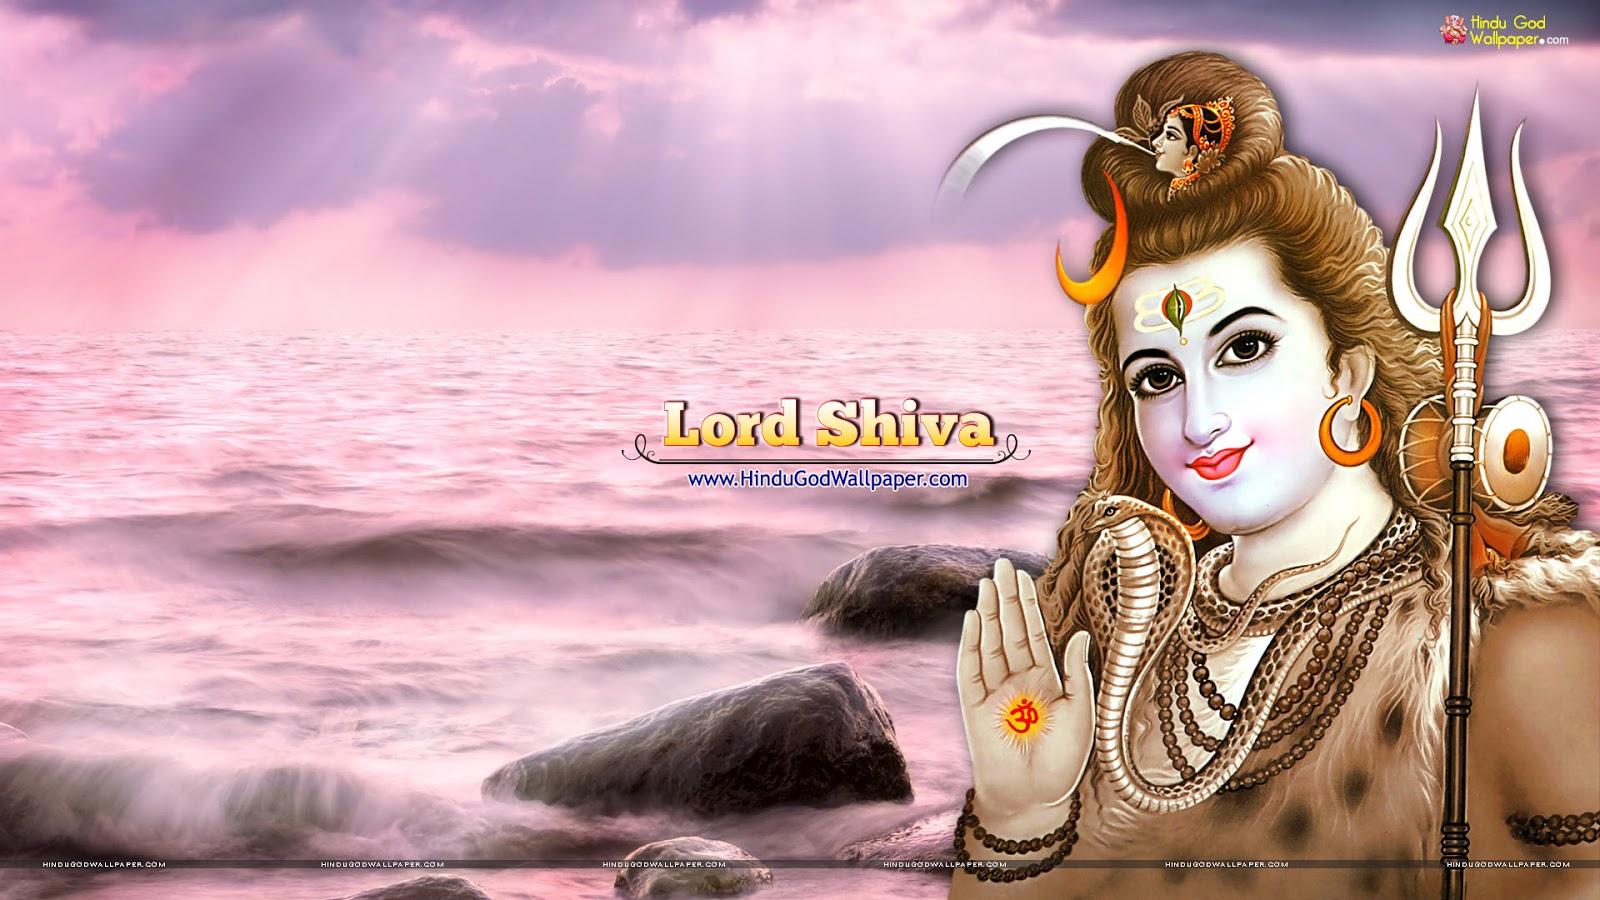 Lord Shiva and Ganga Wallpapers of God